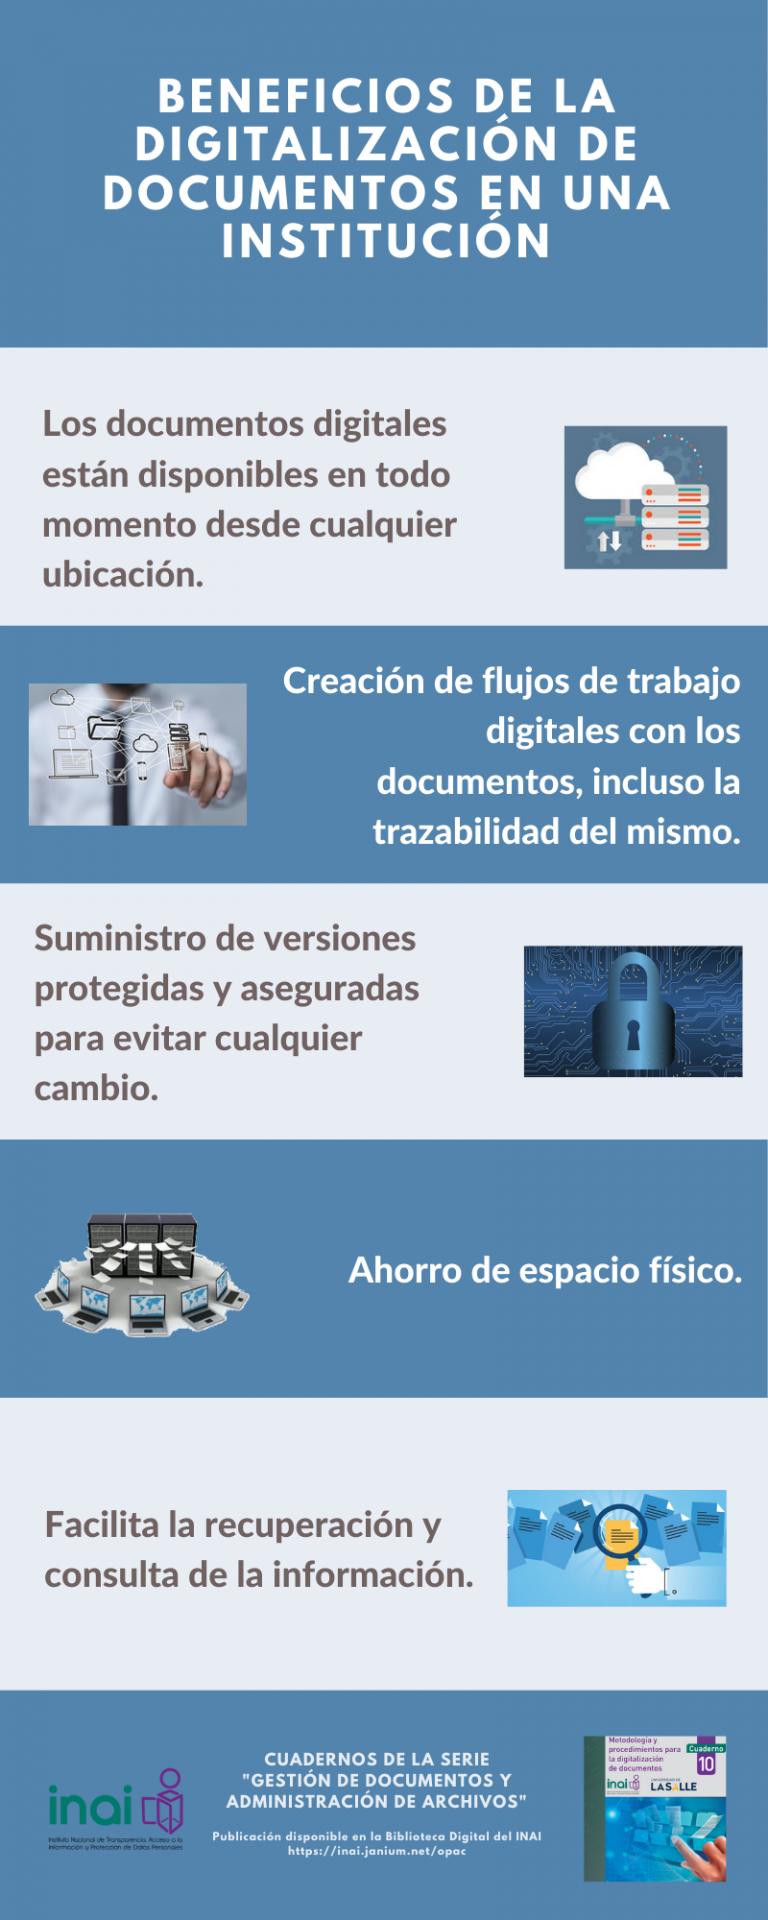 Beneficios de la digitalización de documentos